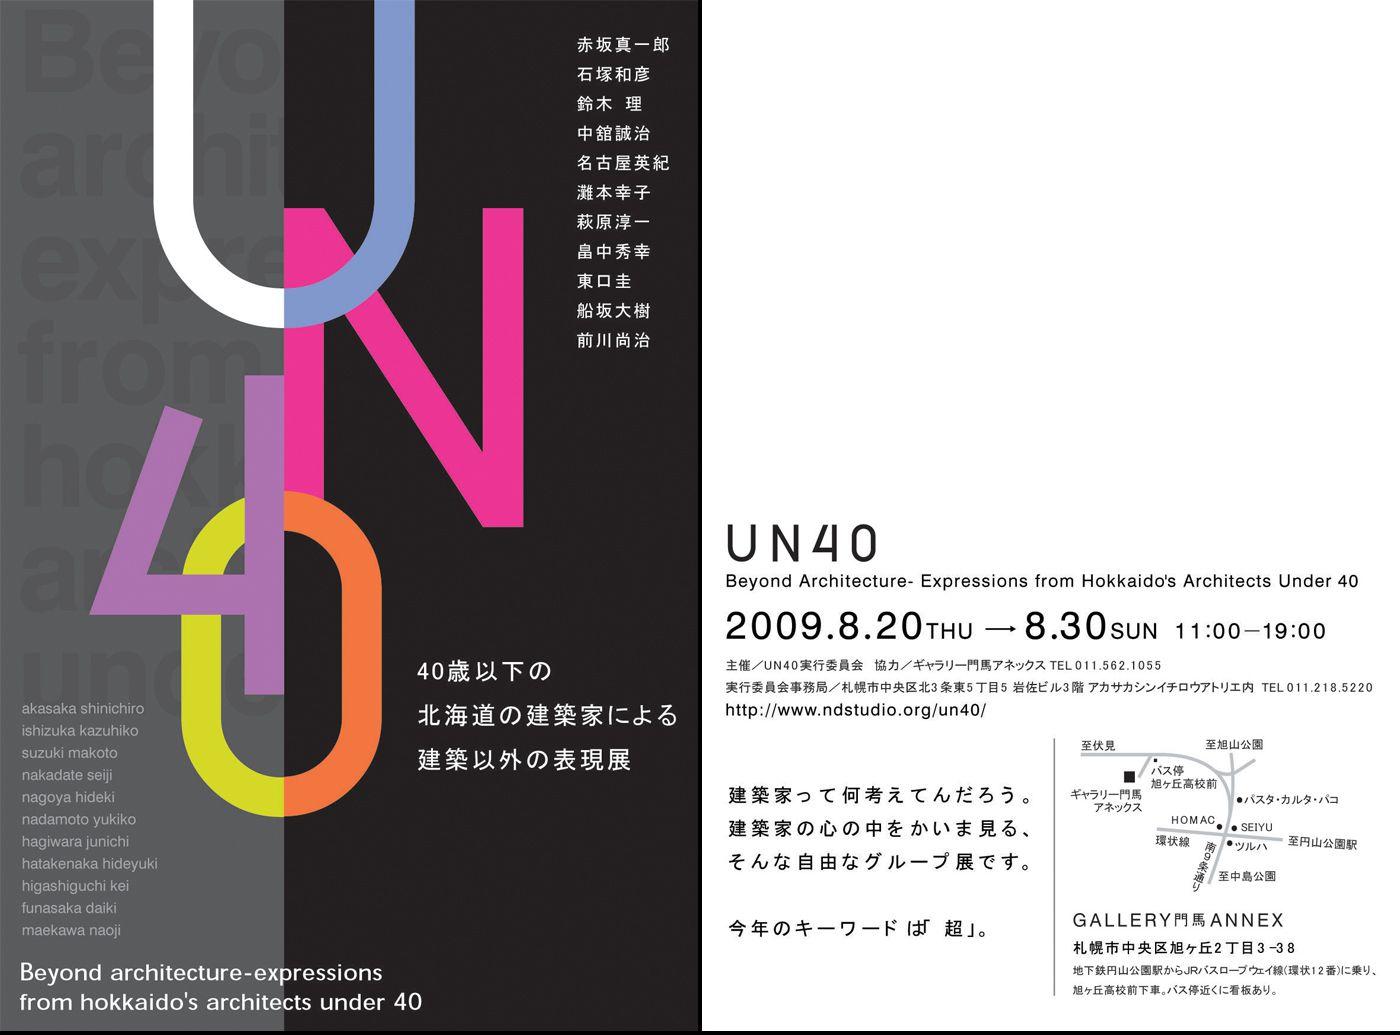 UN40 ~ 40歳以下の北海道の建築家による建築以外の表現展 vol.7